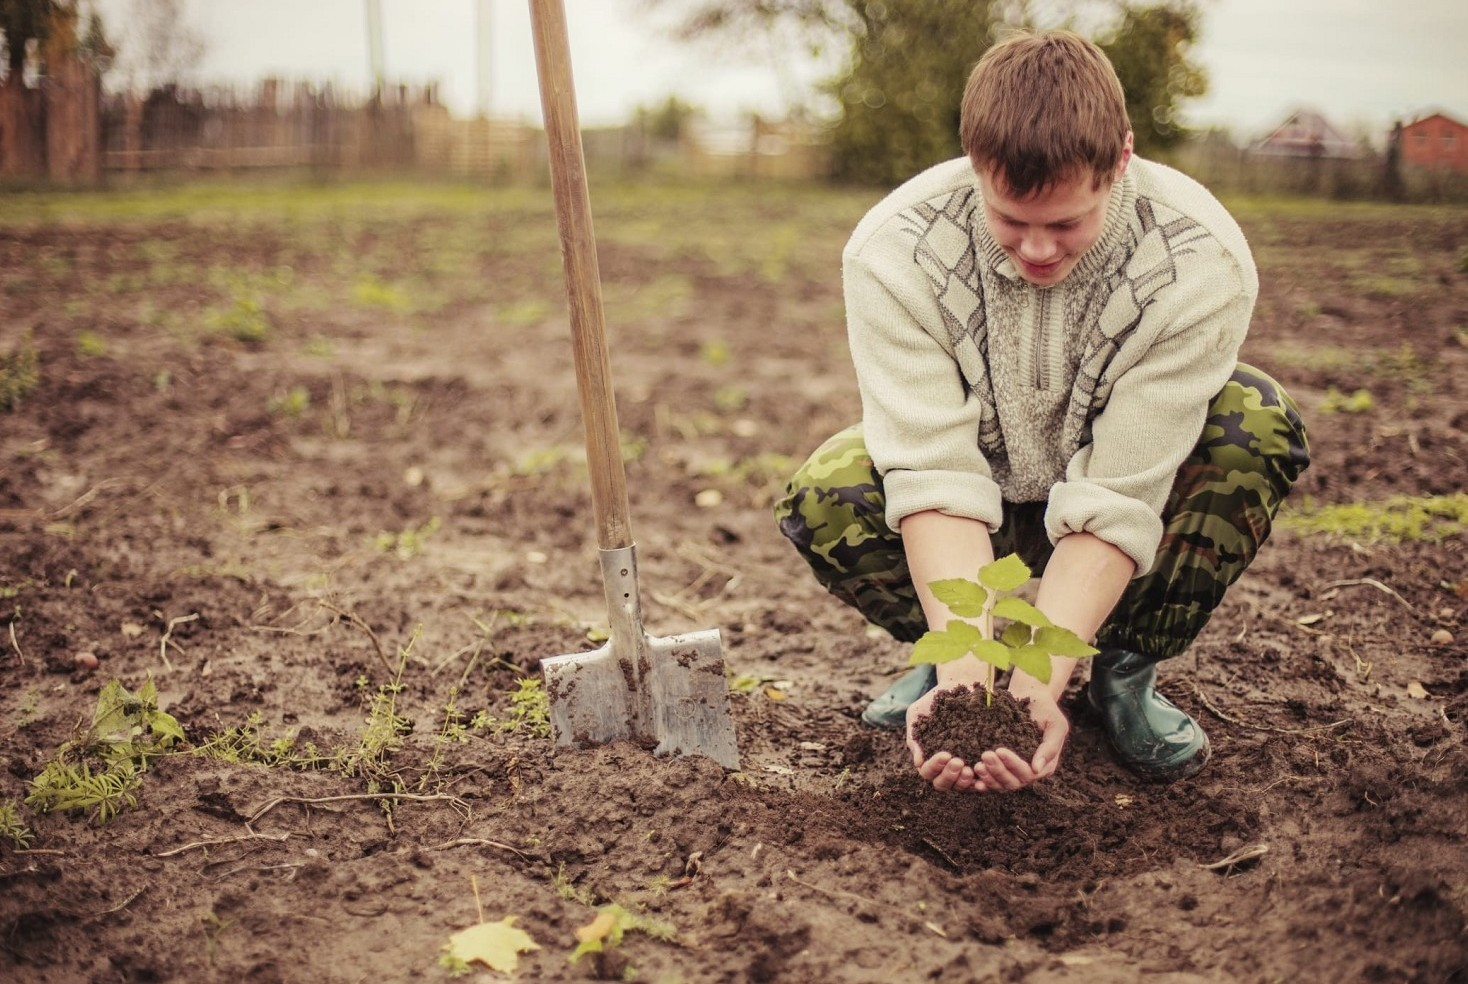 Contratto agricolo 2020 busta paga. Come leggere le voci